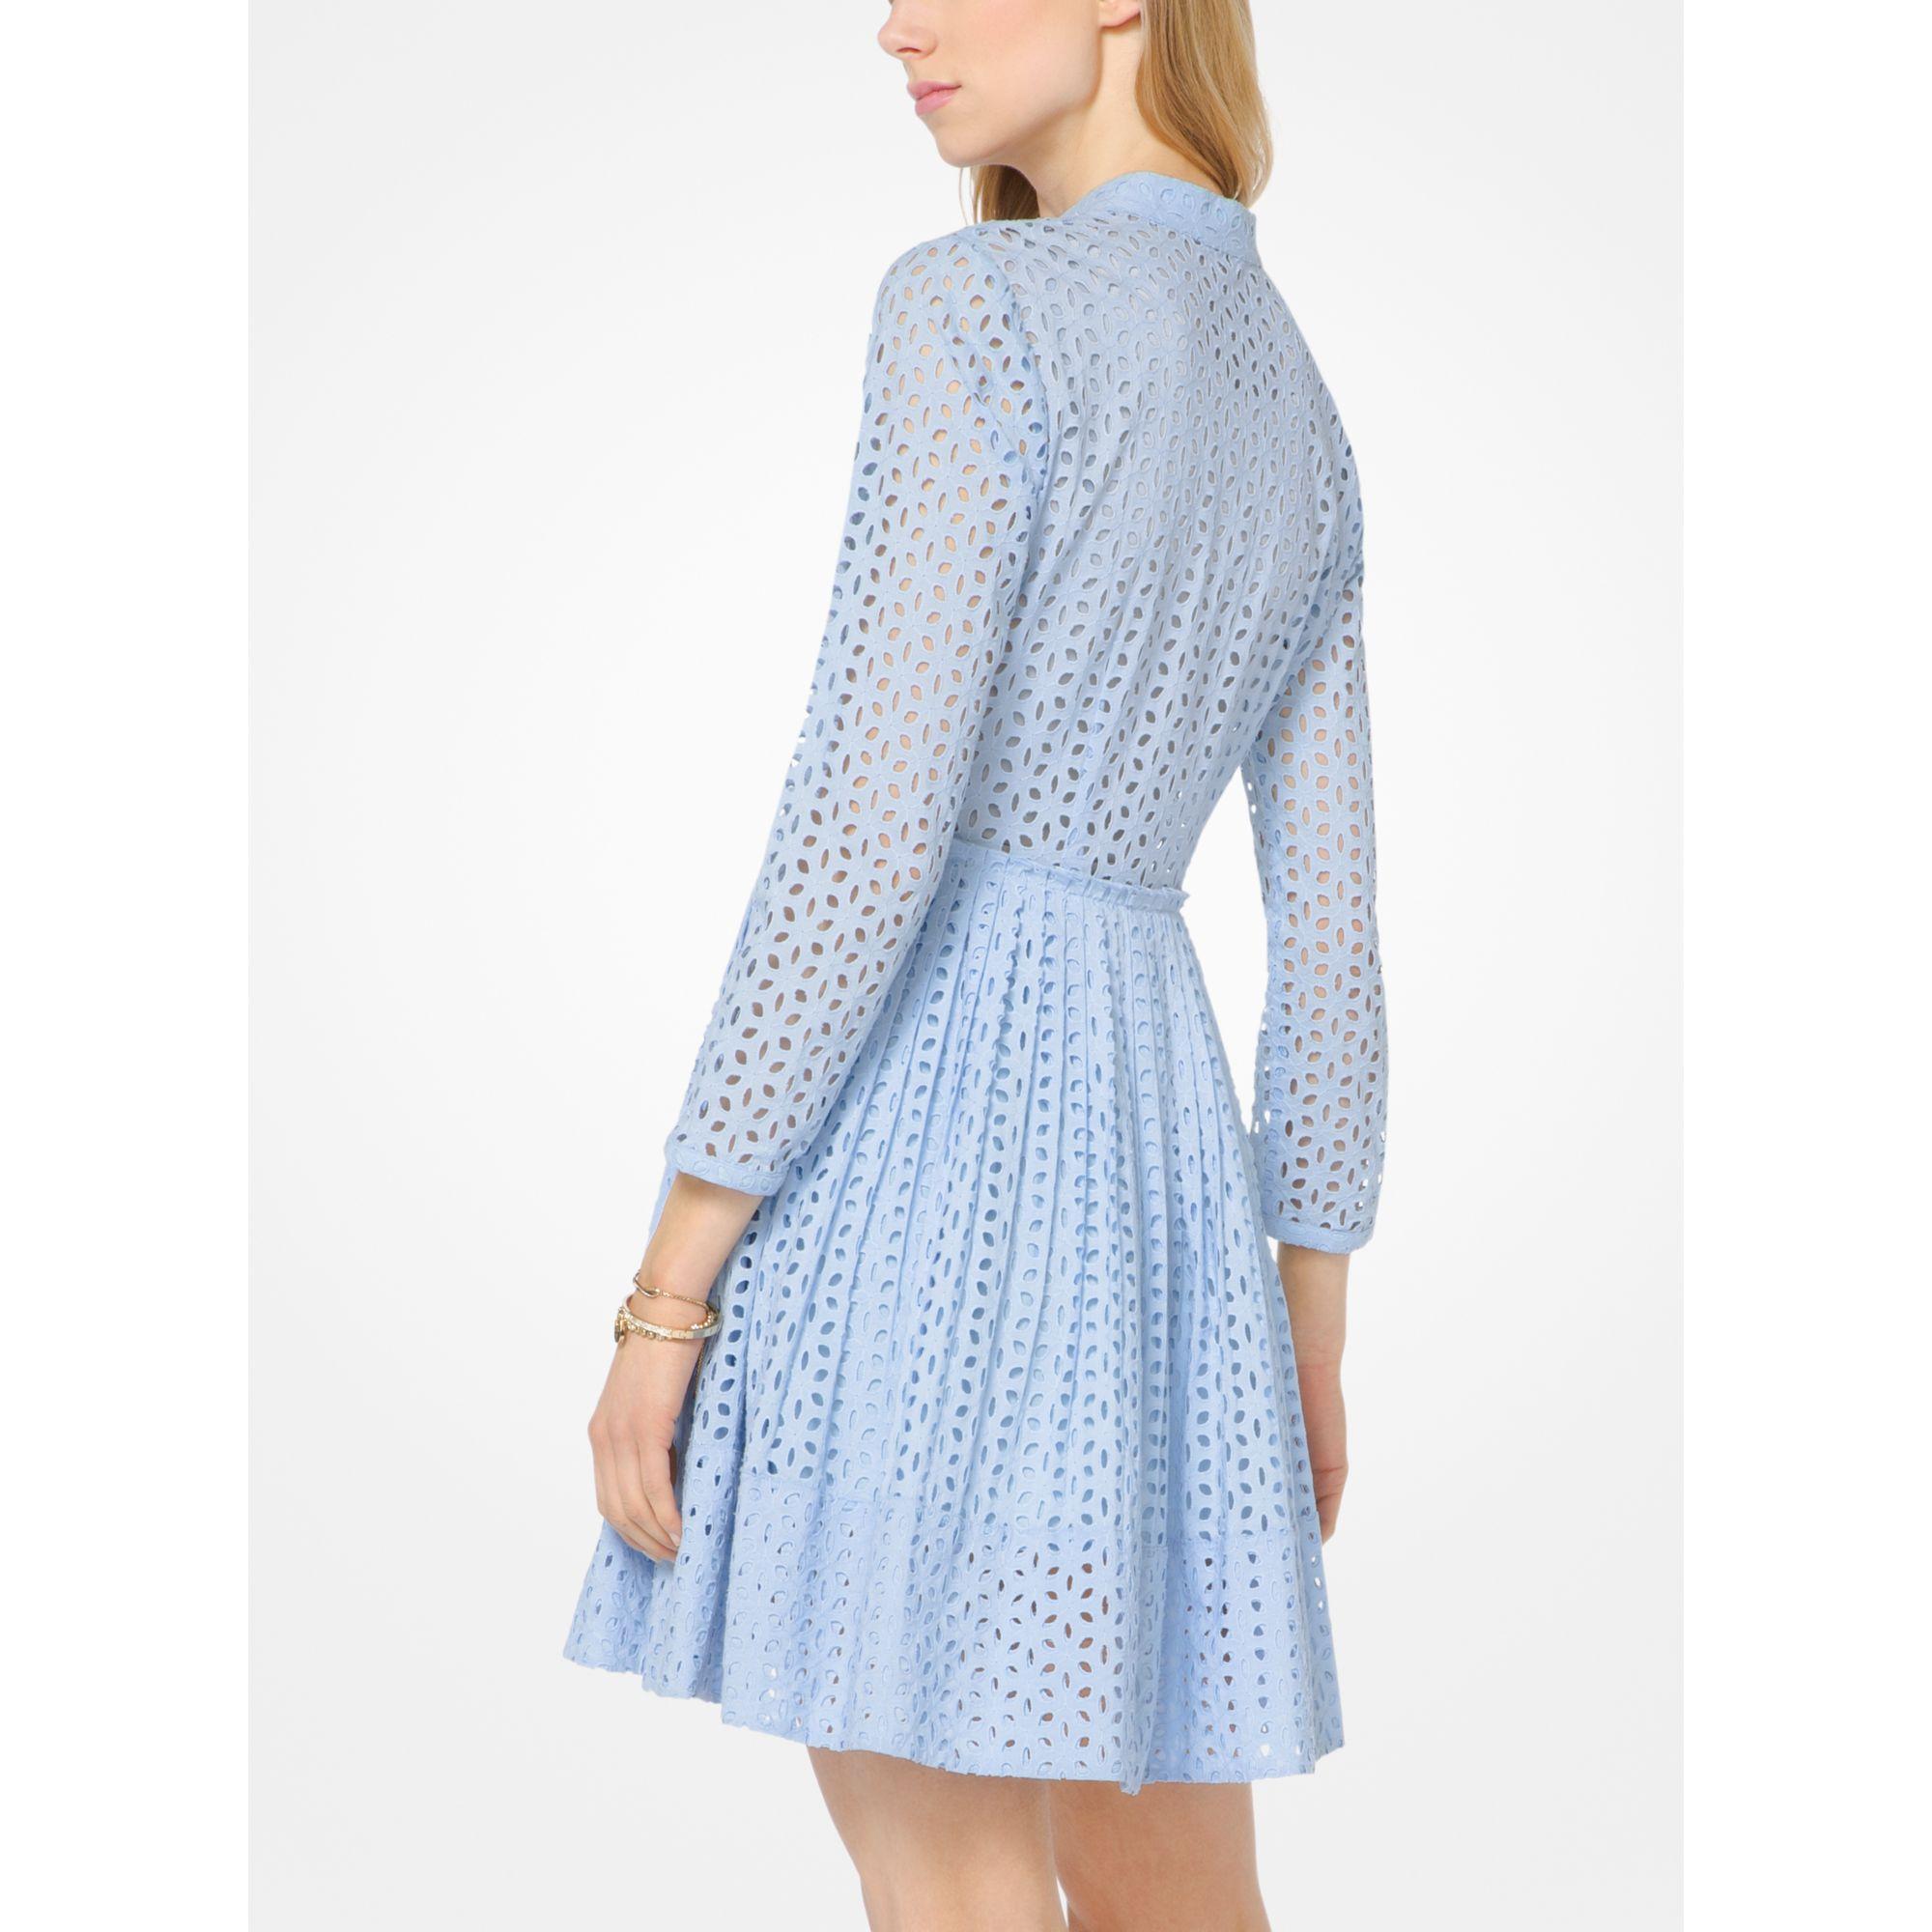 Michael kors Eyelet Cotton Shirtdress in Blue